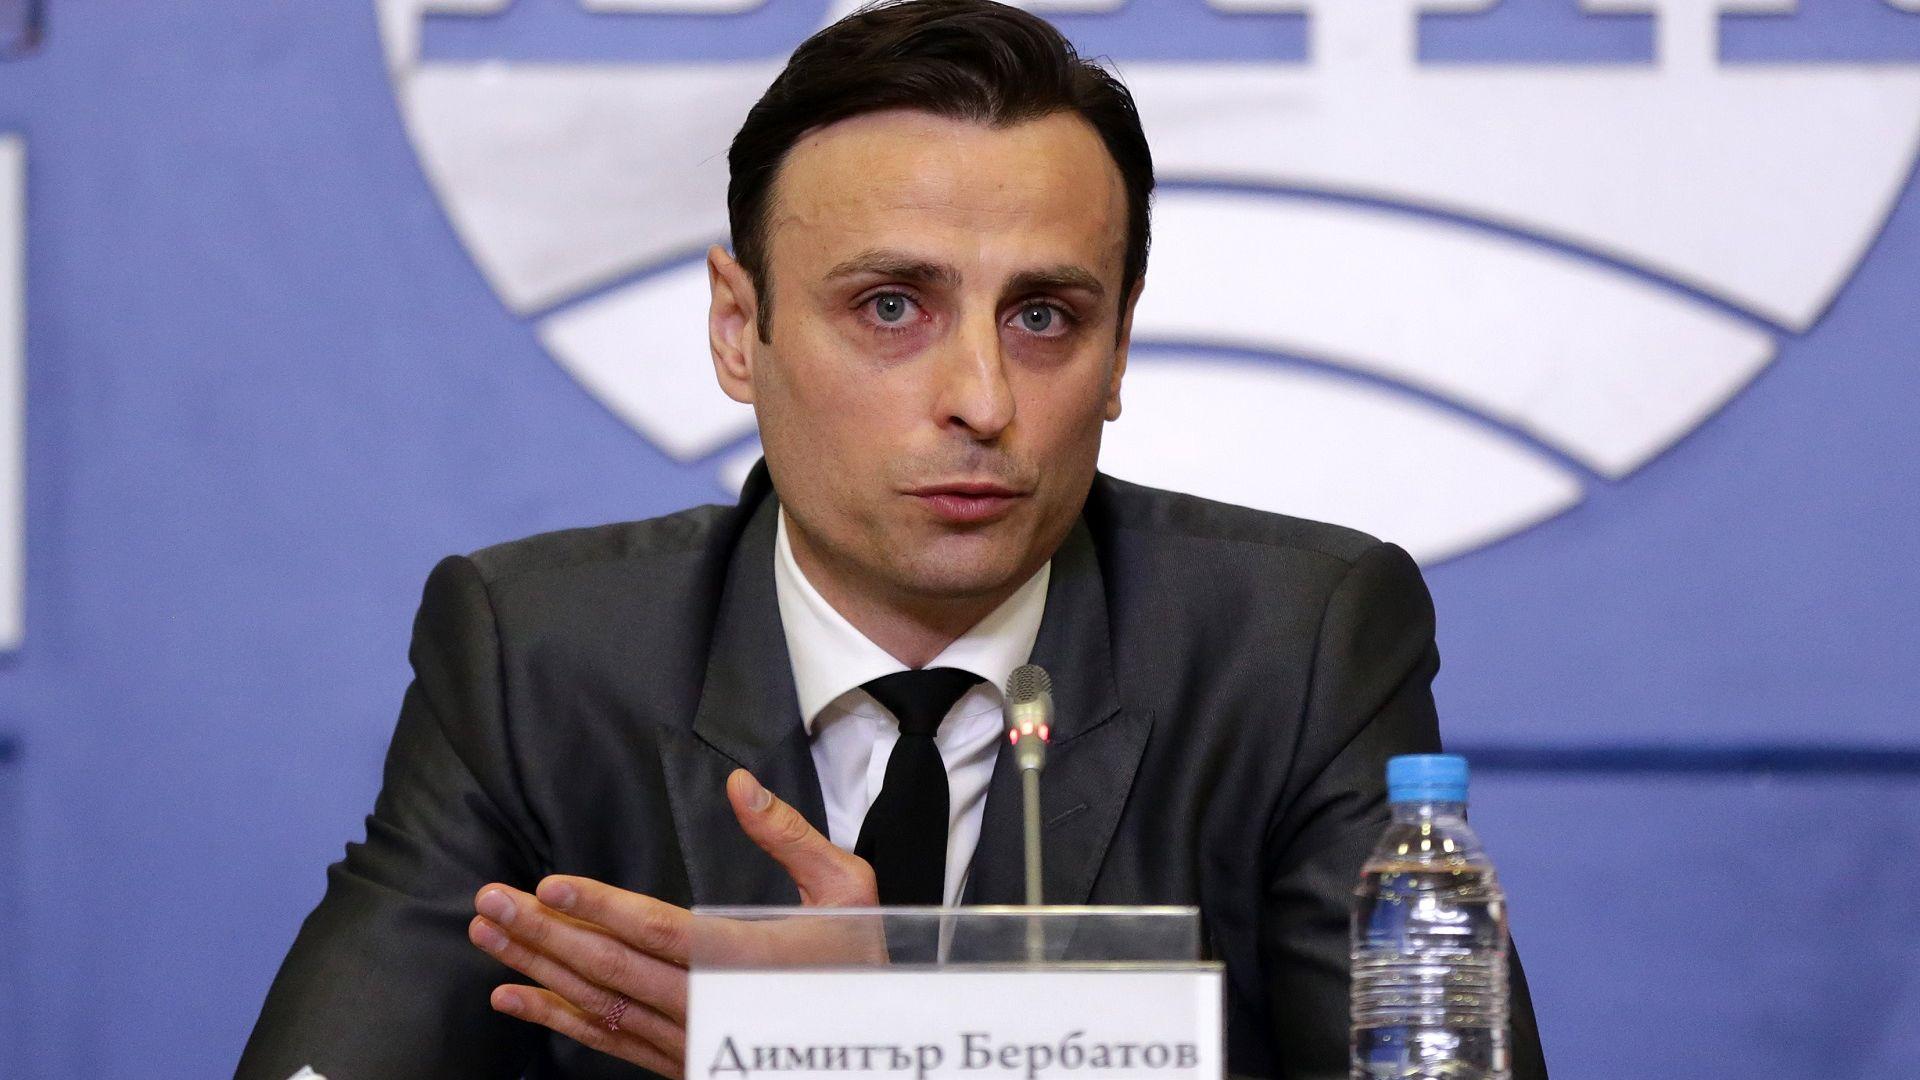 Димитър Бербатов: Връщат се оставки, намирисва на страх и паника